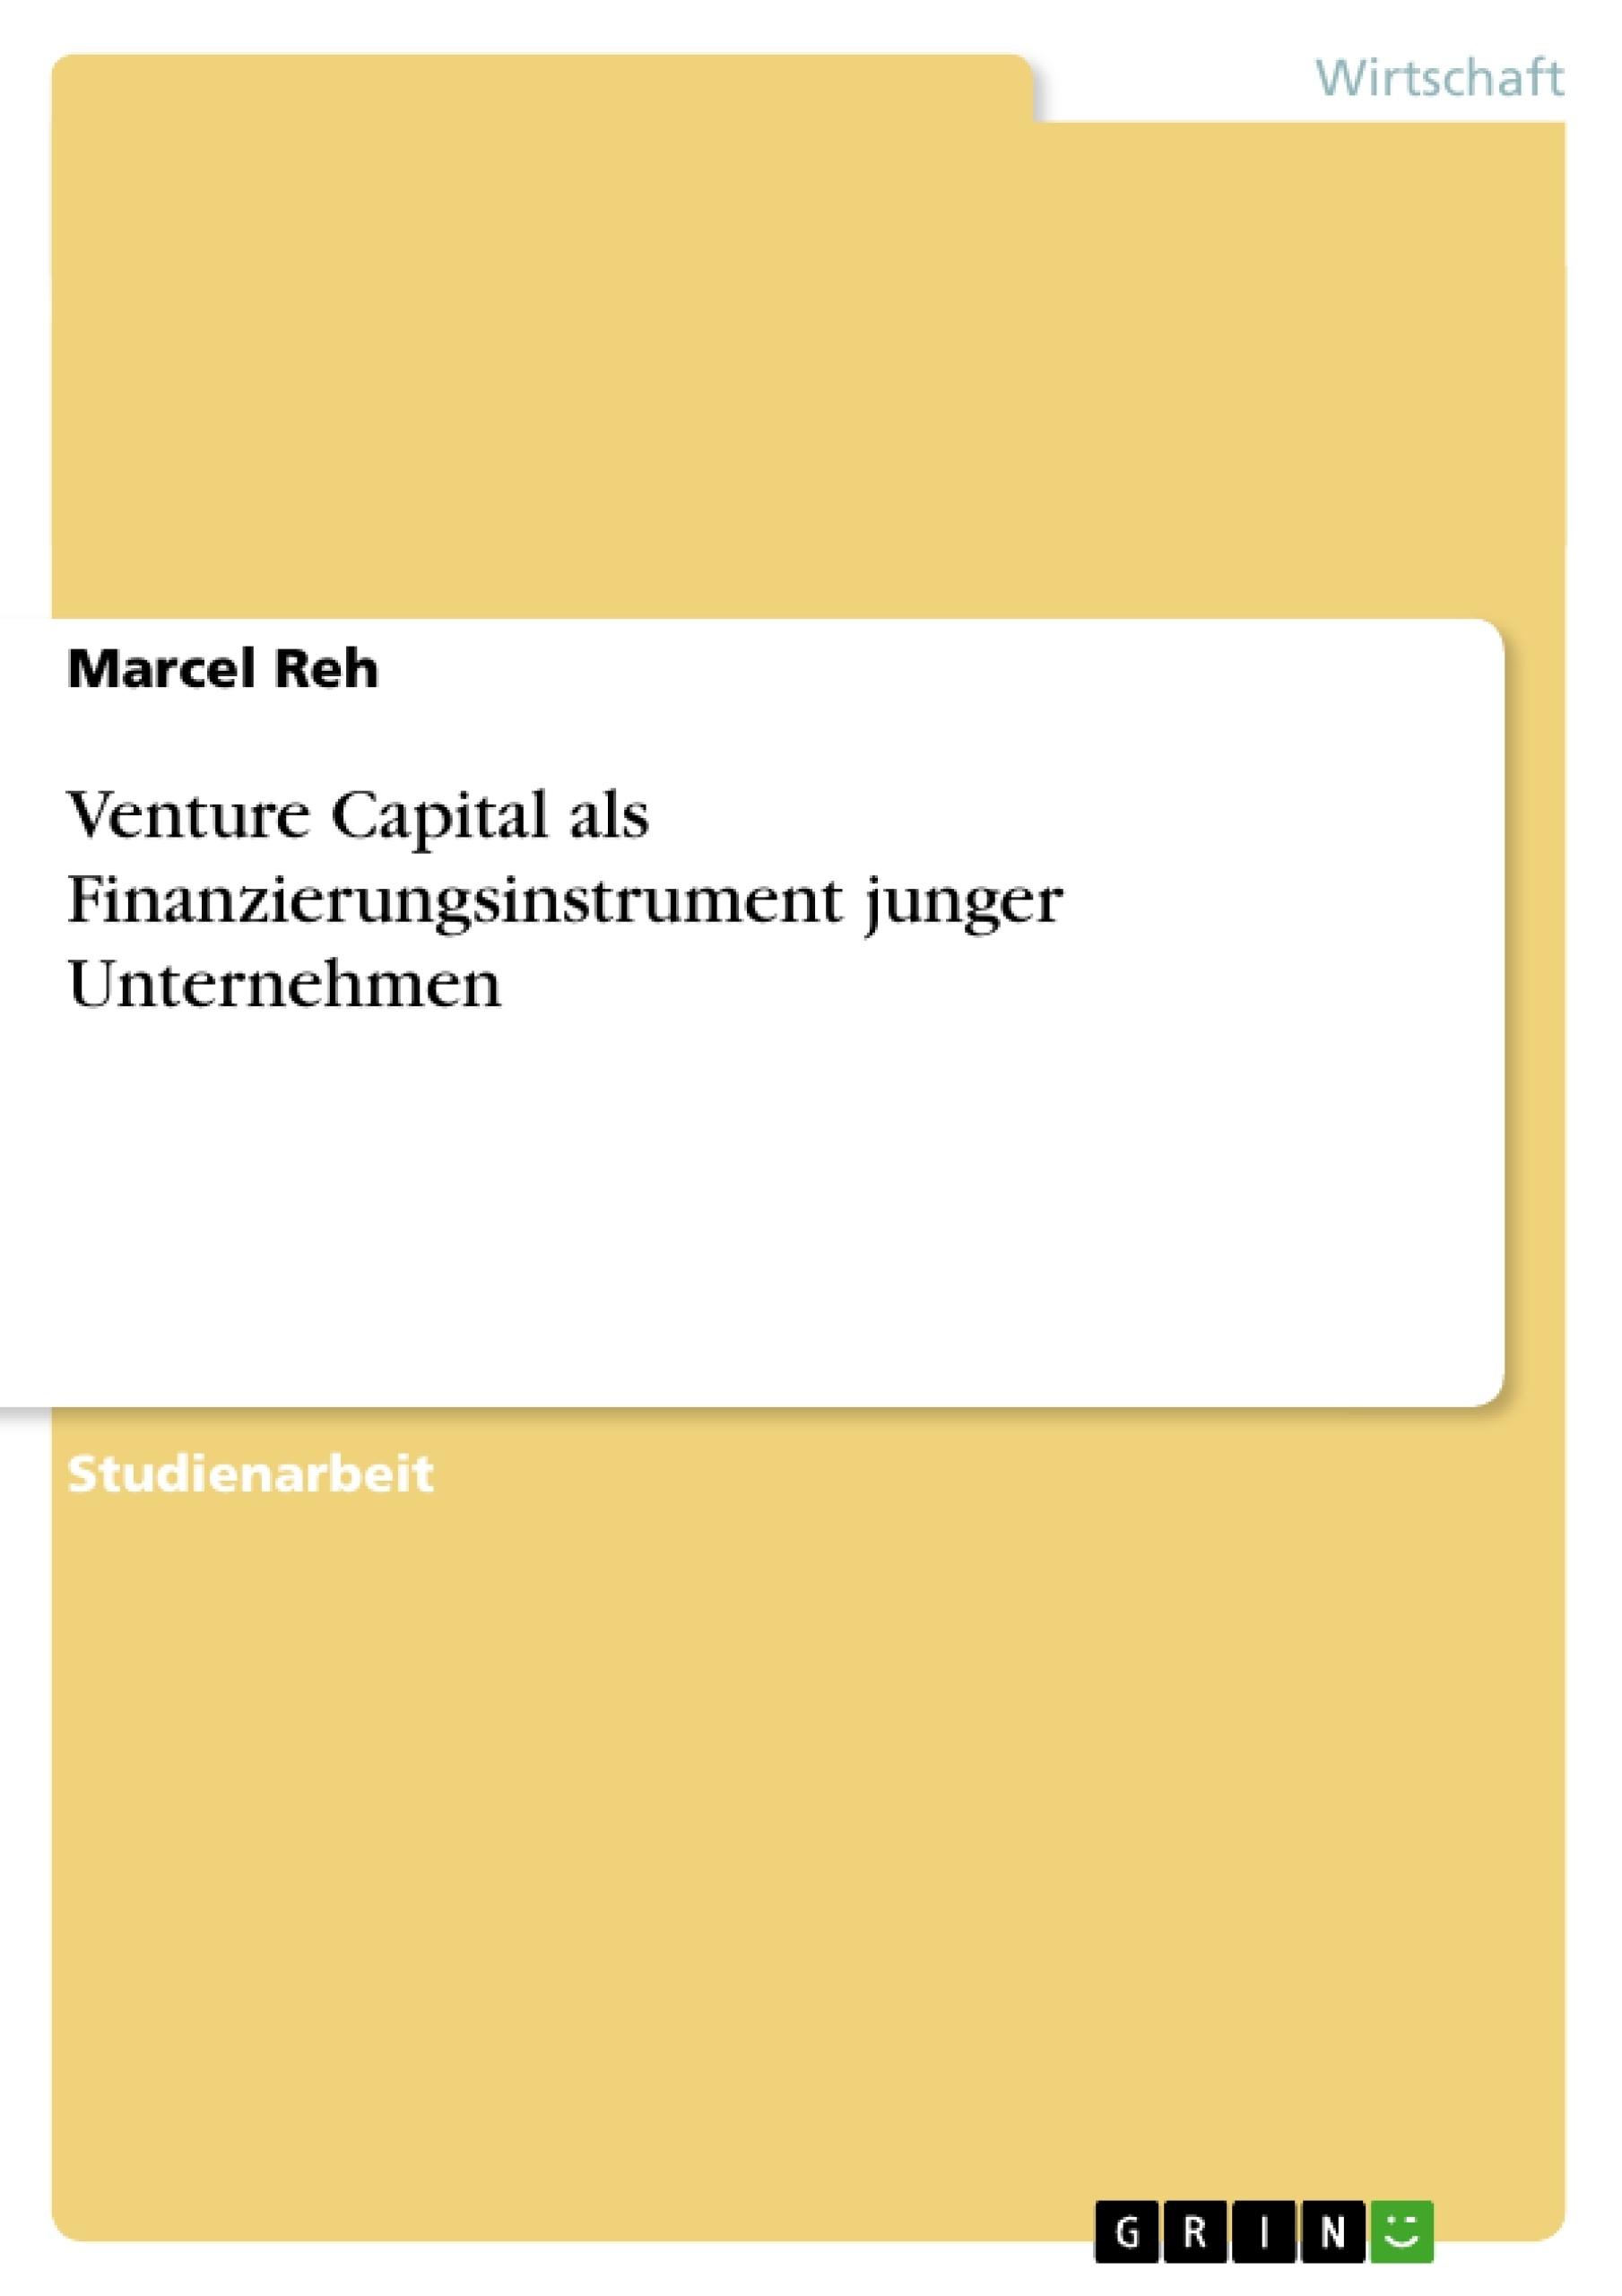 Titel: Venture Capital als Finanzierungsinstrument junger Unternehmen